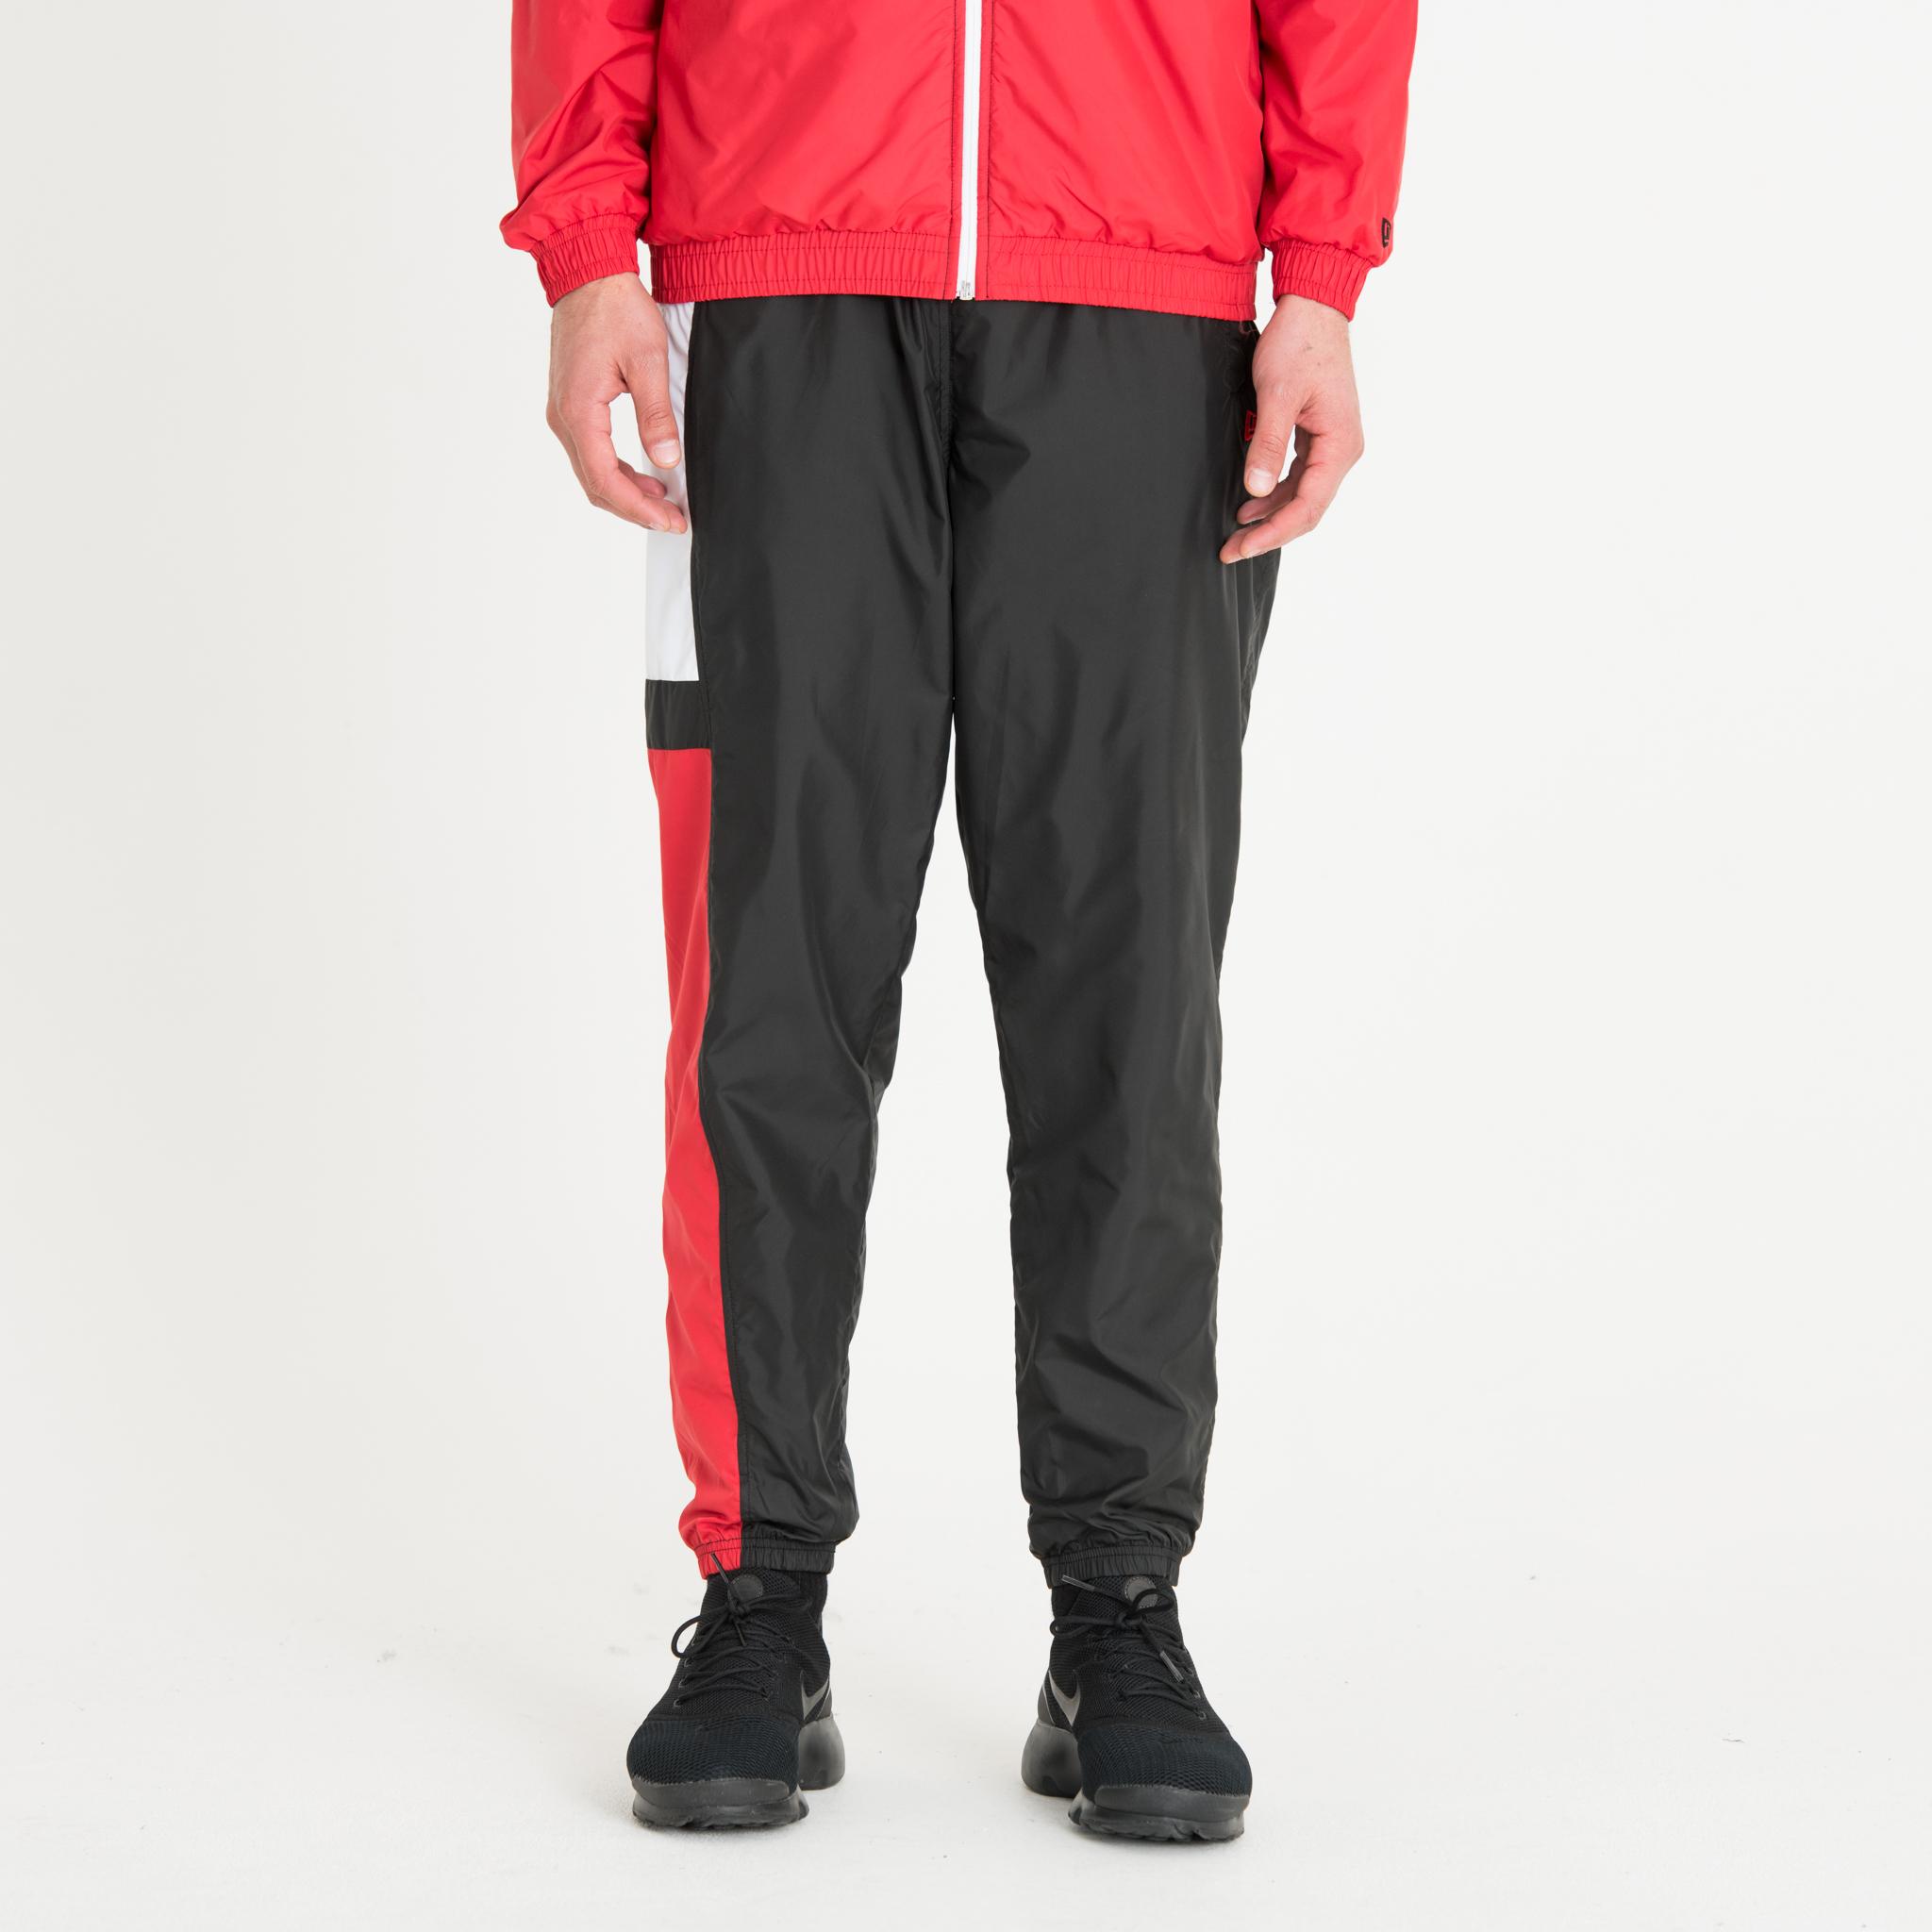 Pantalon de survêtement colour block noir, blanc et rouge New Era